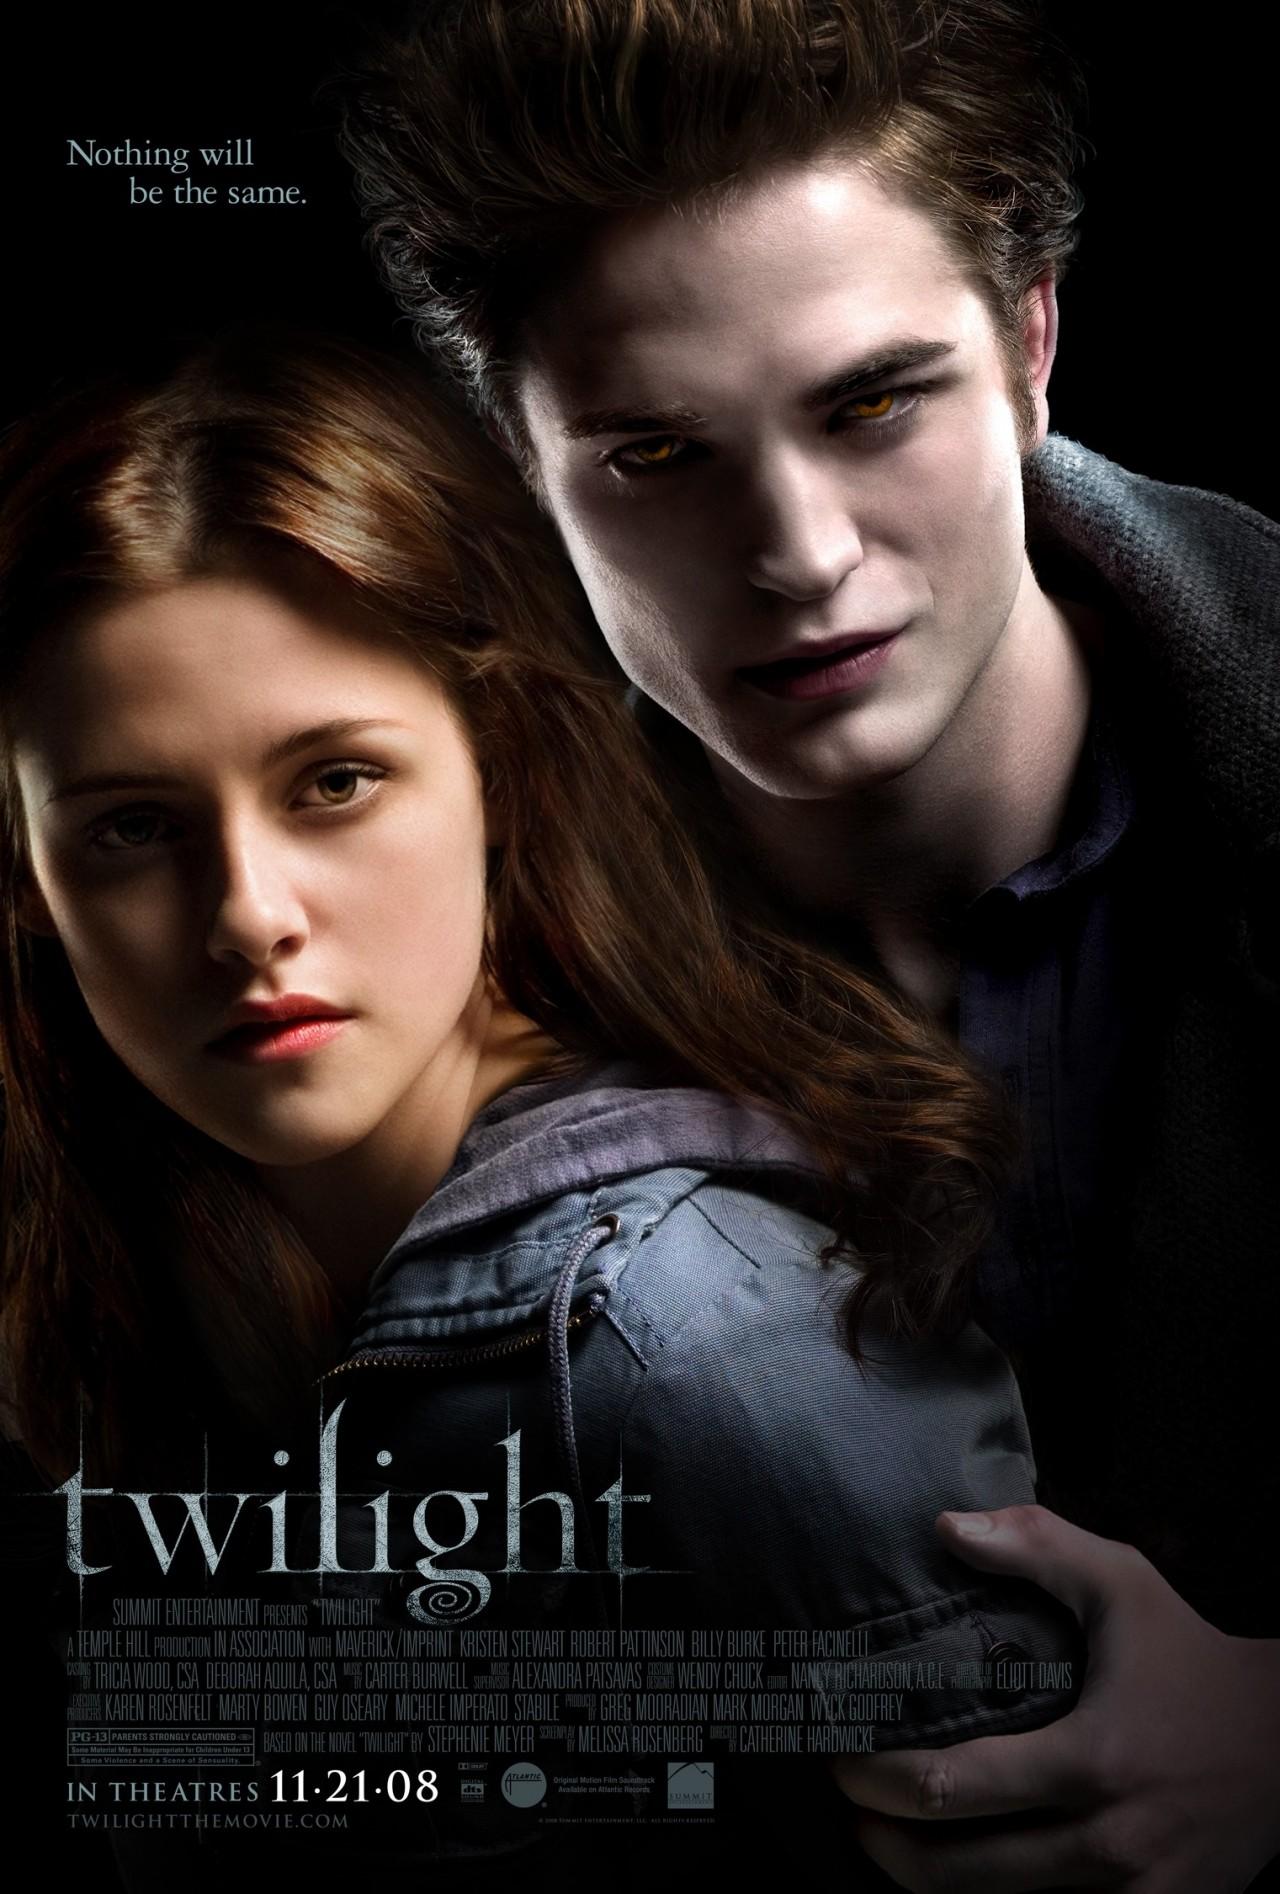 Twilight, esse, image - Art Limited